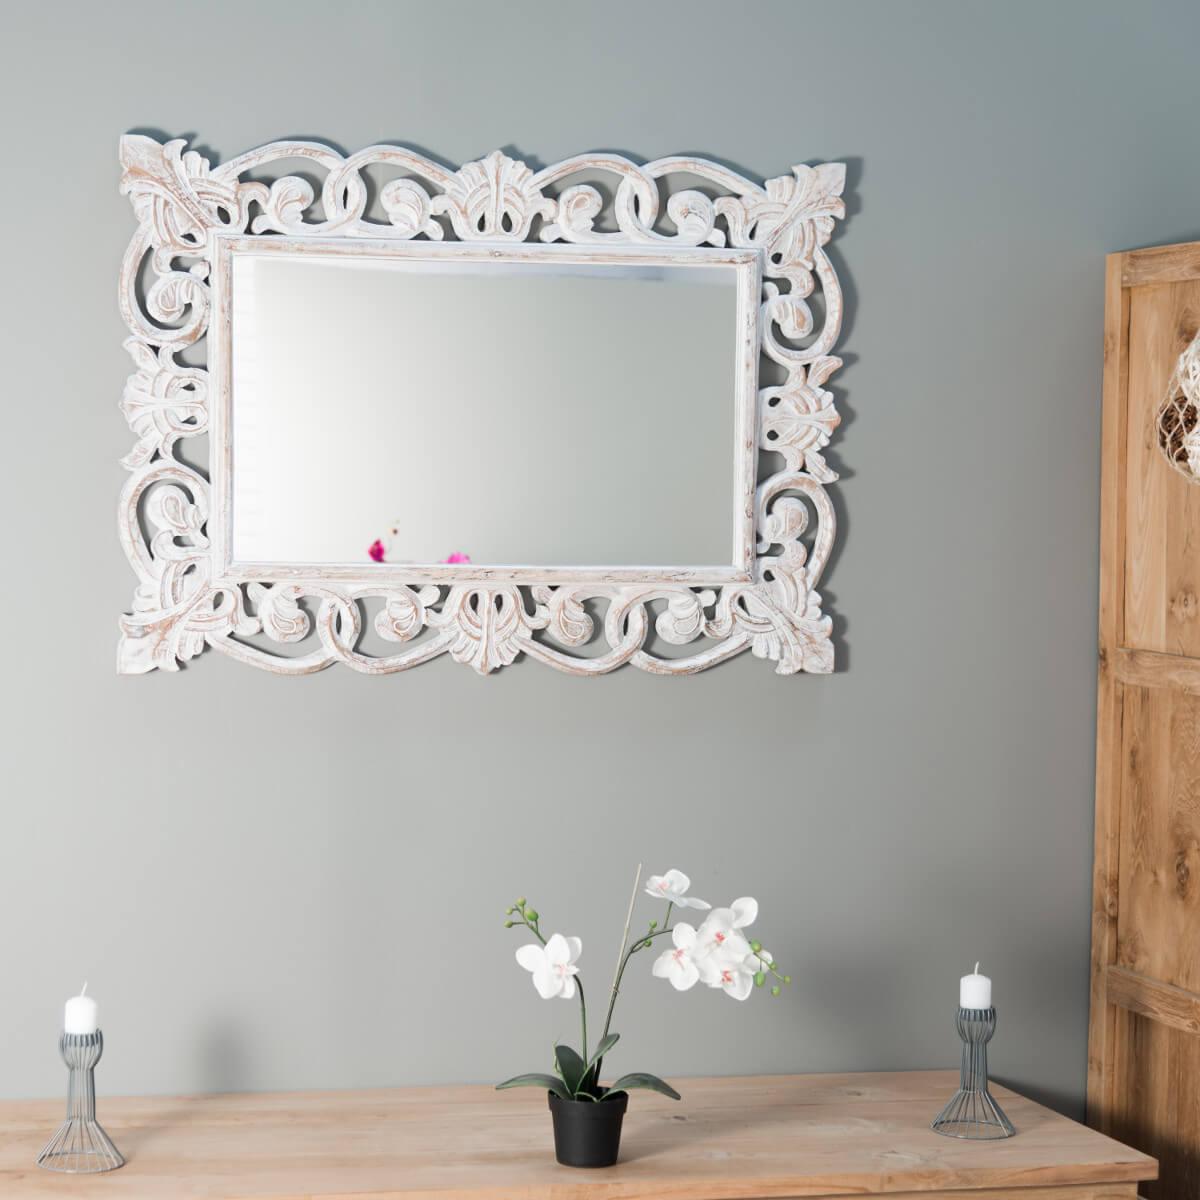 miroir de d coration en bois massif cordoue rectangulaire bois patin c rus blanc d 70. Black Bedroom Furniture Sets. Home Design Ideas